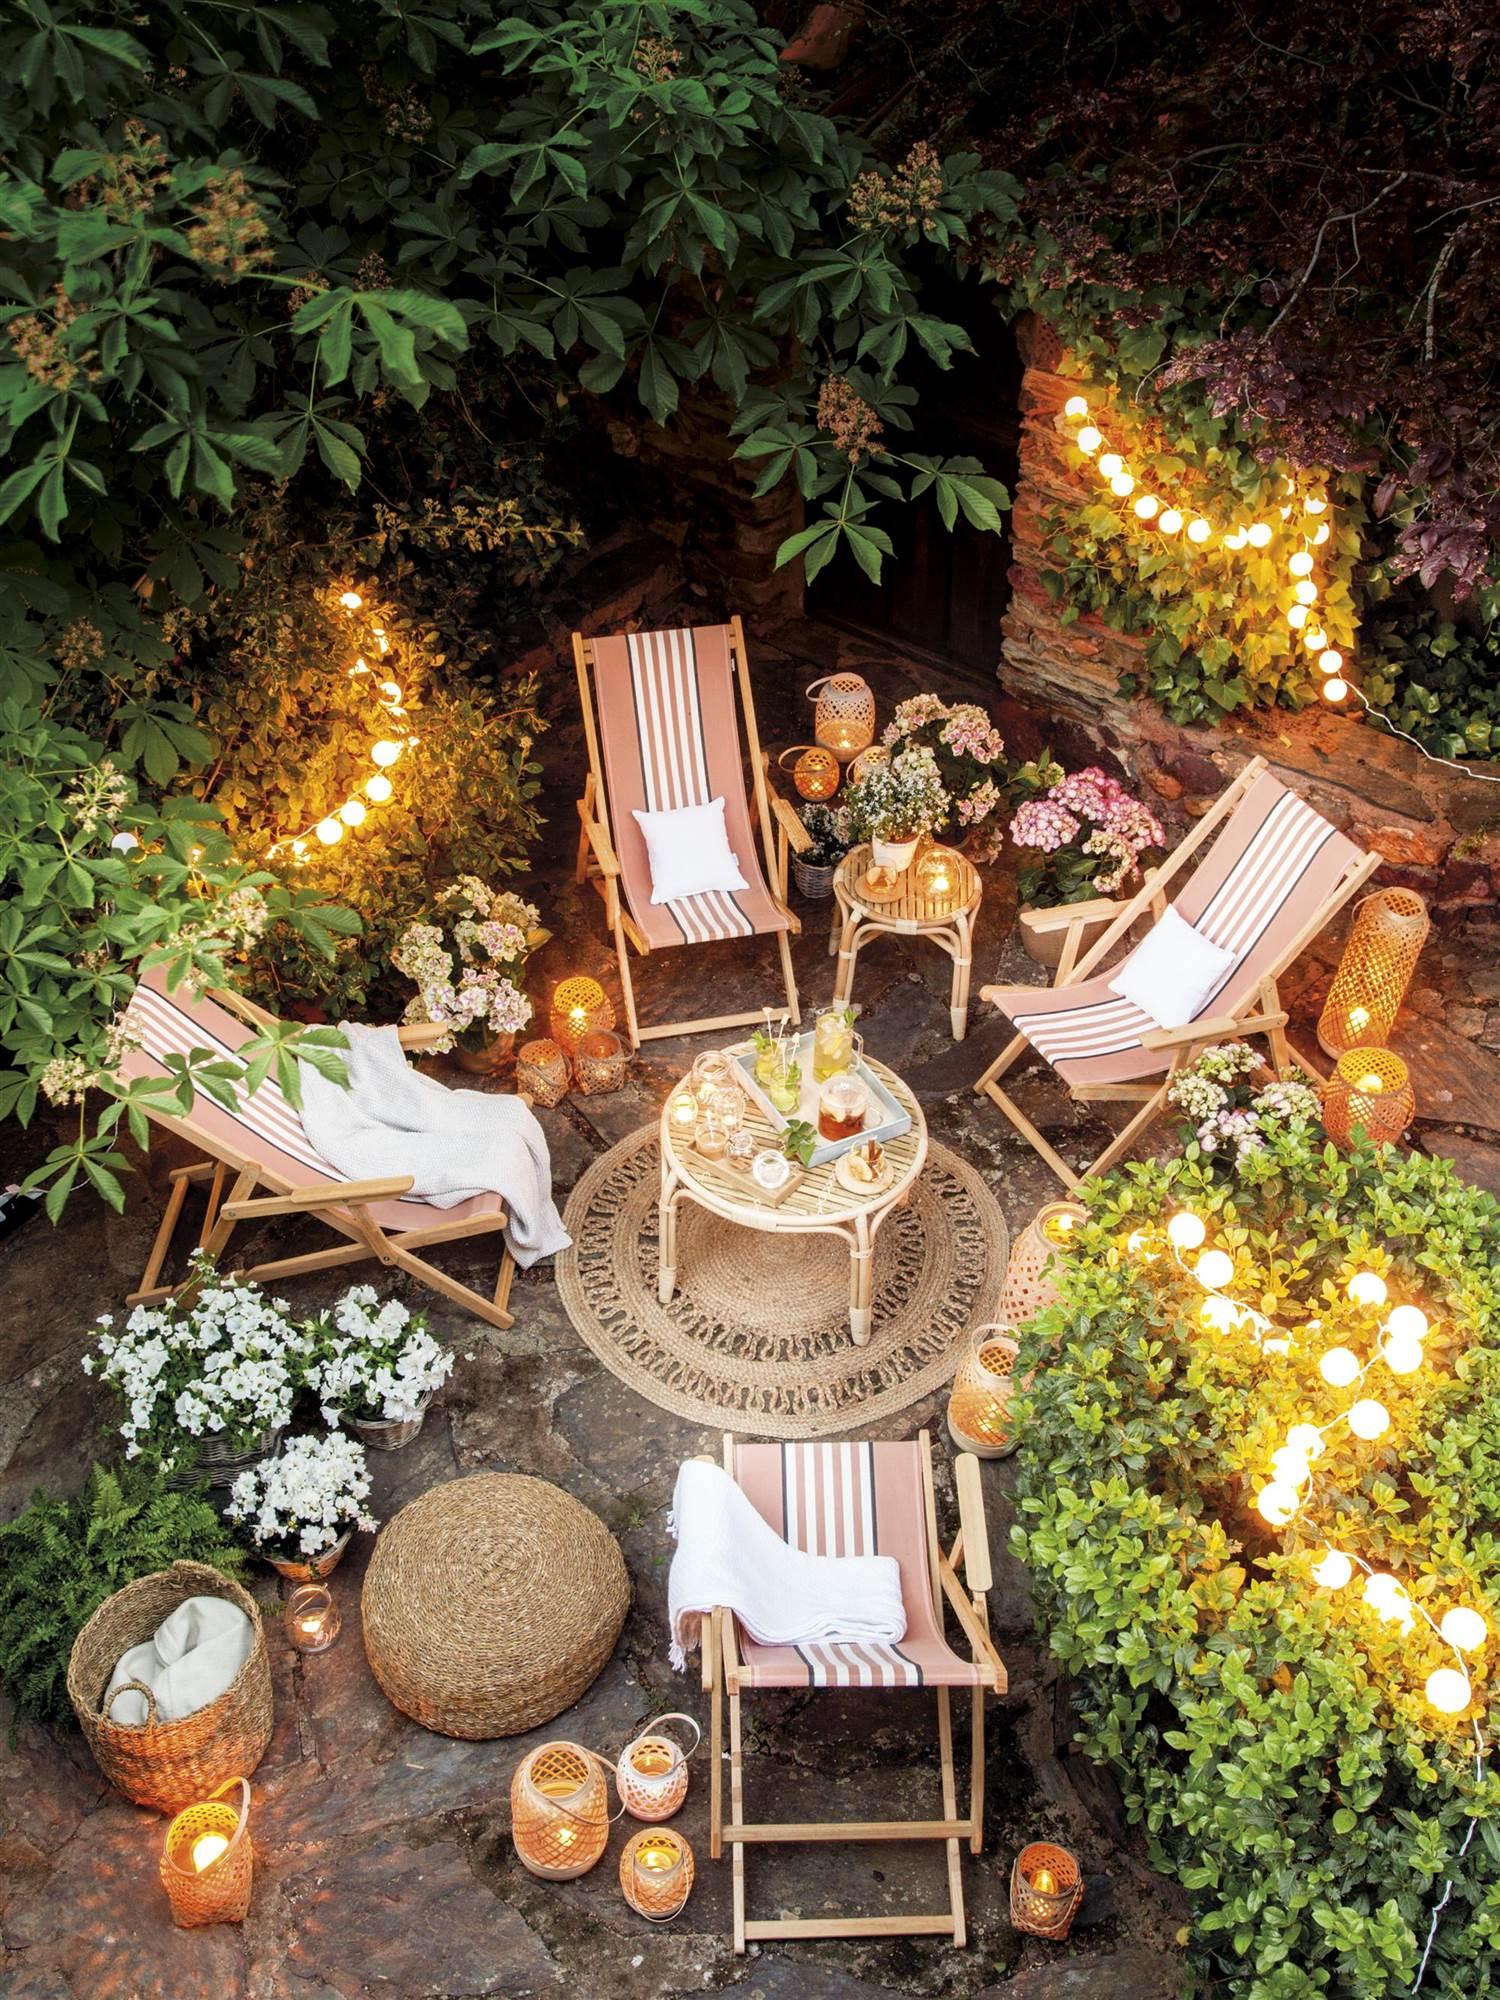 Llega el buen tiempo y es hora de preparar nuestro jardín